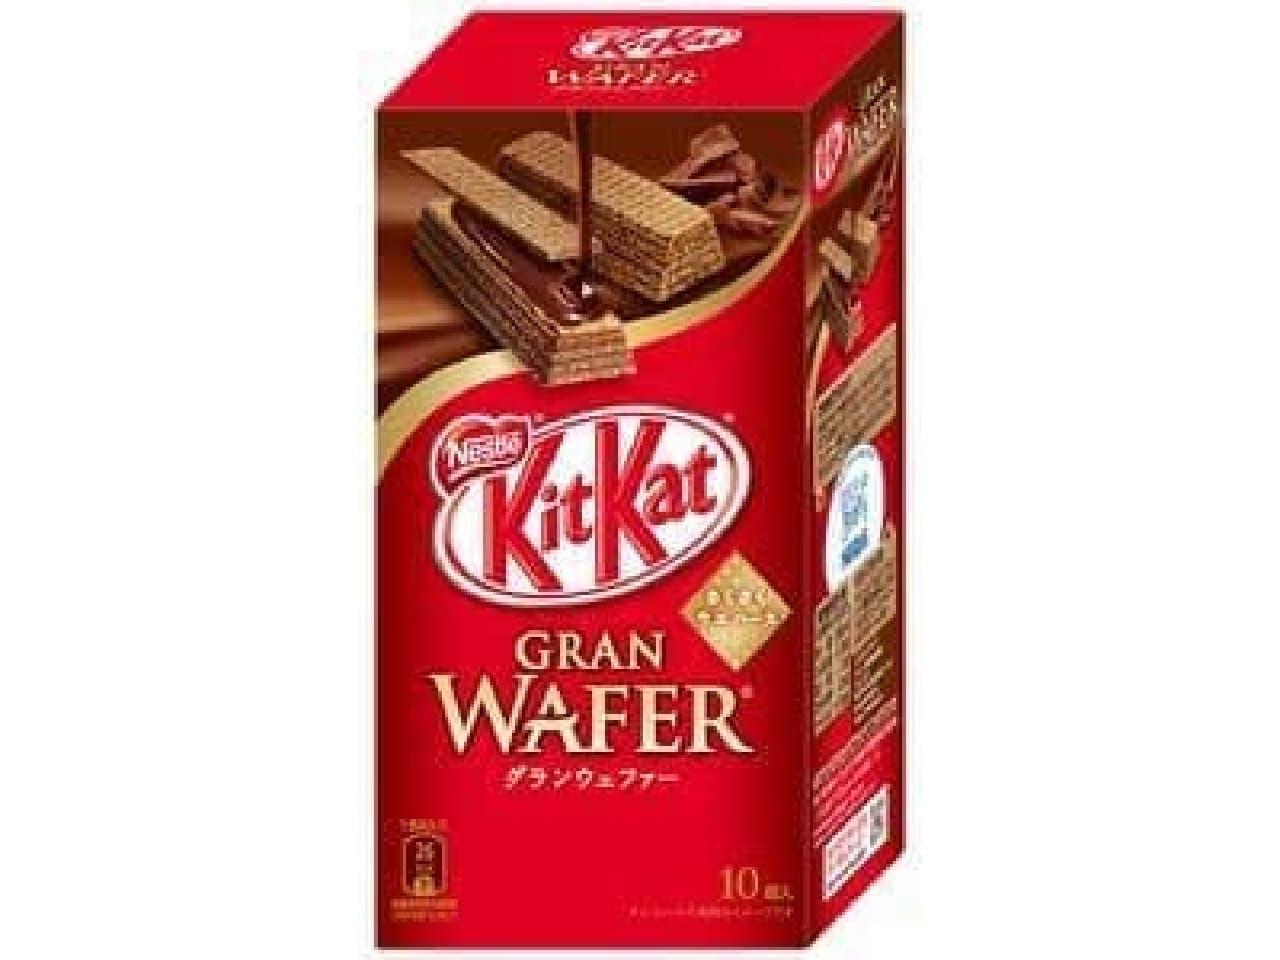 世界初!チョコレートでコーティングされていない「キットカット」が誕生